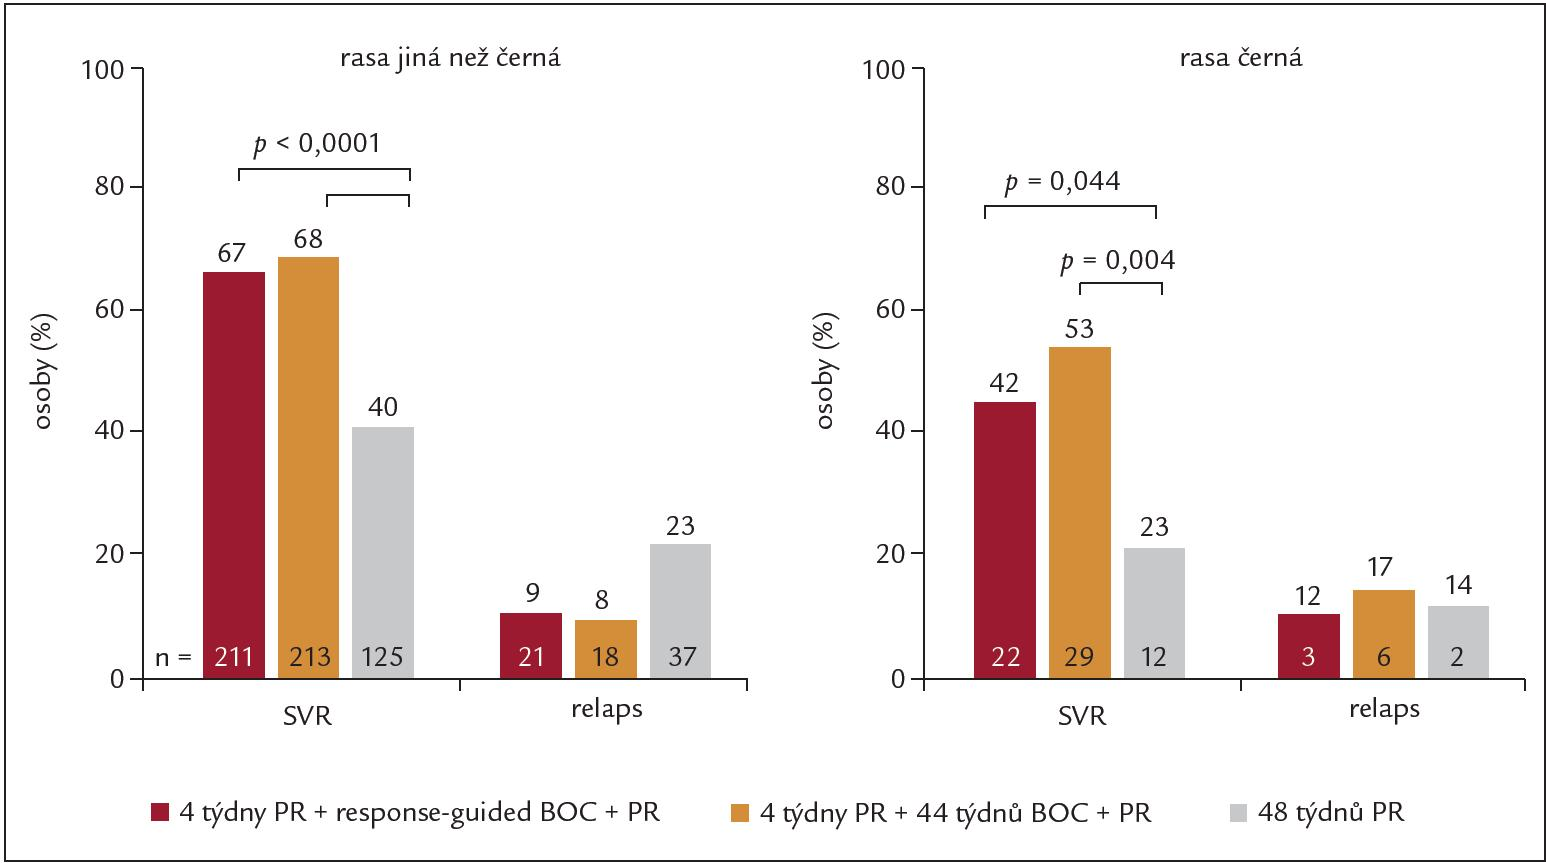 Výsledky studie SPRINT-2 podle rasy, PR = PEG-IFN + RBV, BOC = boceprevir.